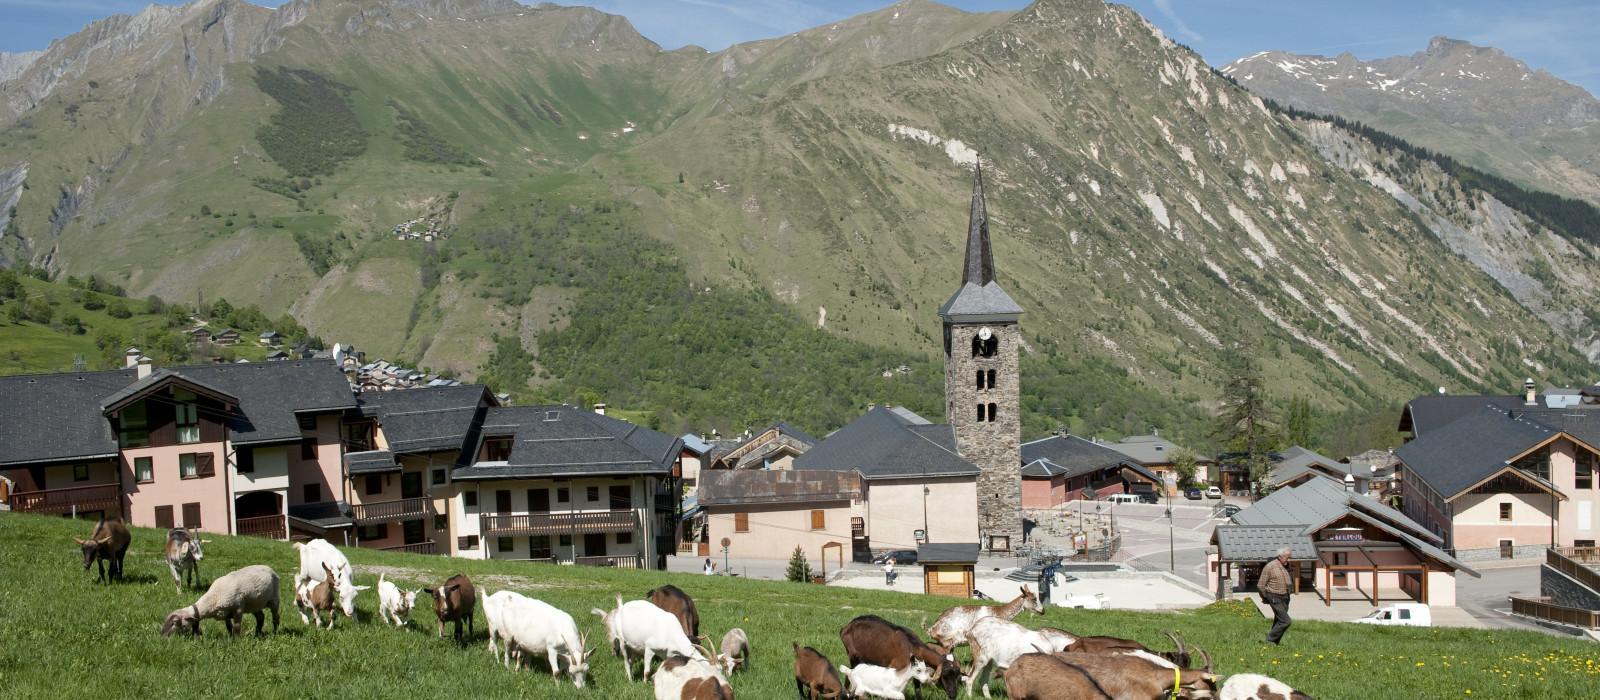 Les Menuires, Val Thorens, Saint-Martin-de-Belleville